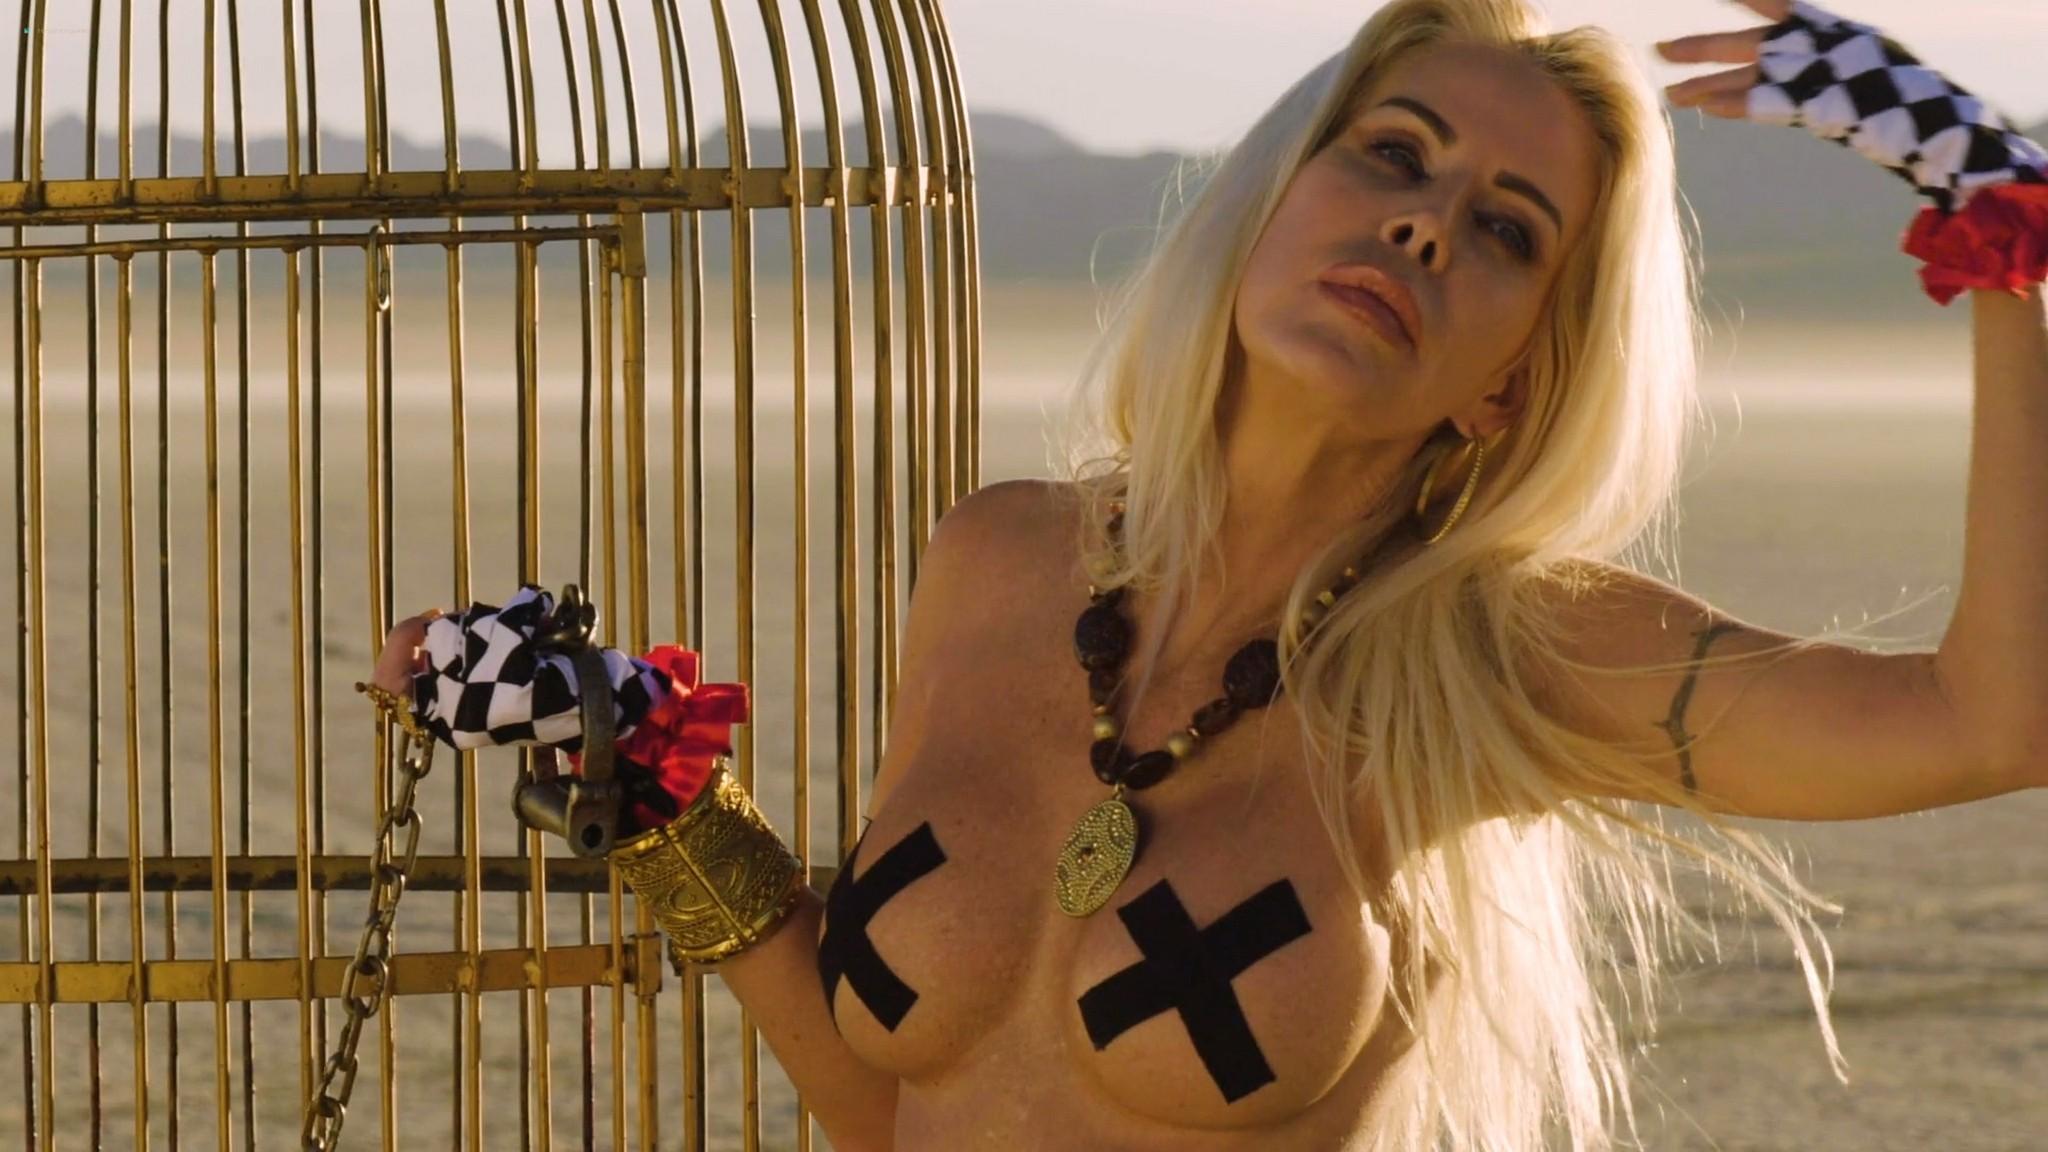 Dana Wolf nude Tabitha Stevens Devhorra Dark nude full frontal Die Influencers Die 2020 HD 1080p 001